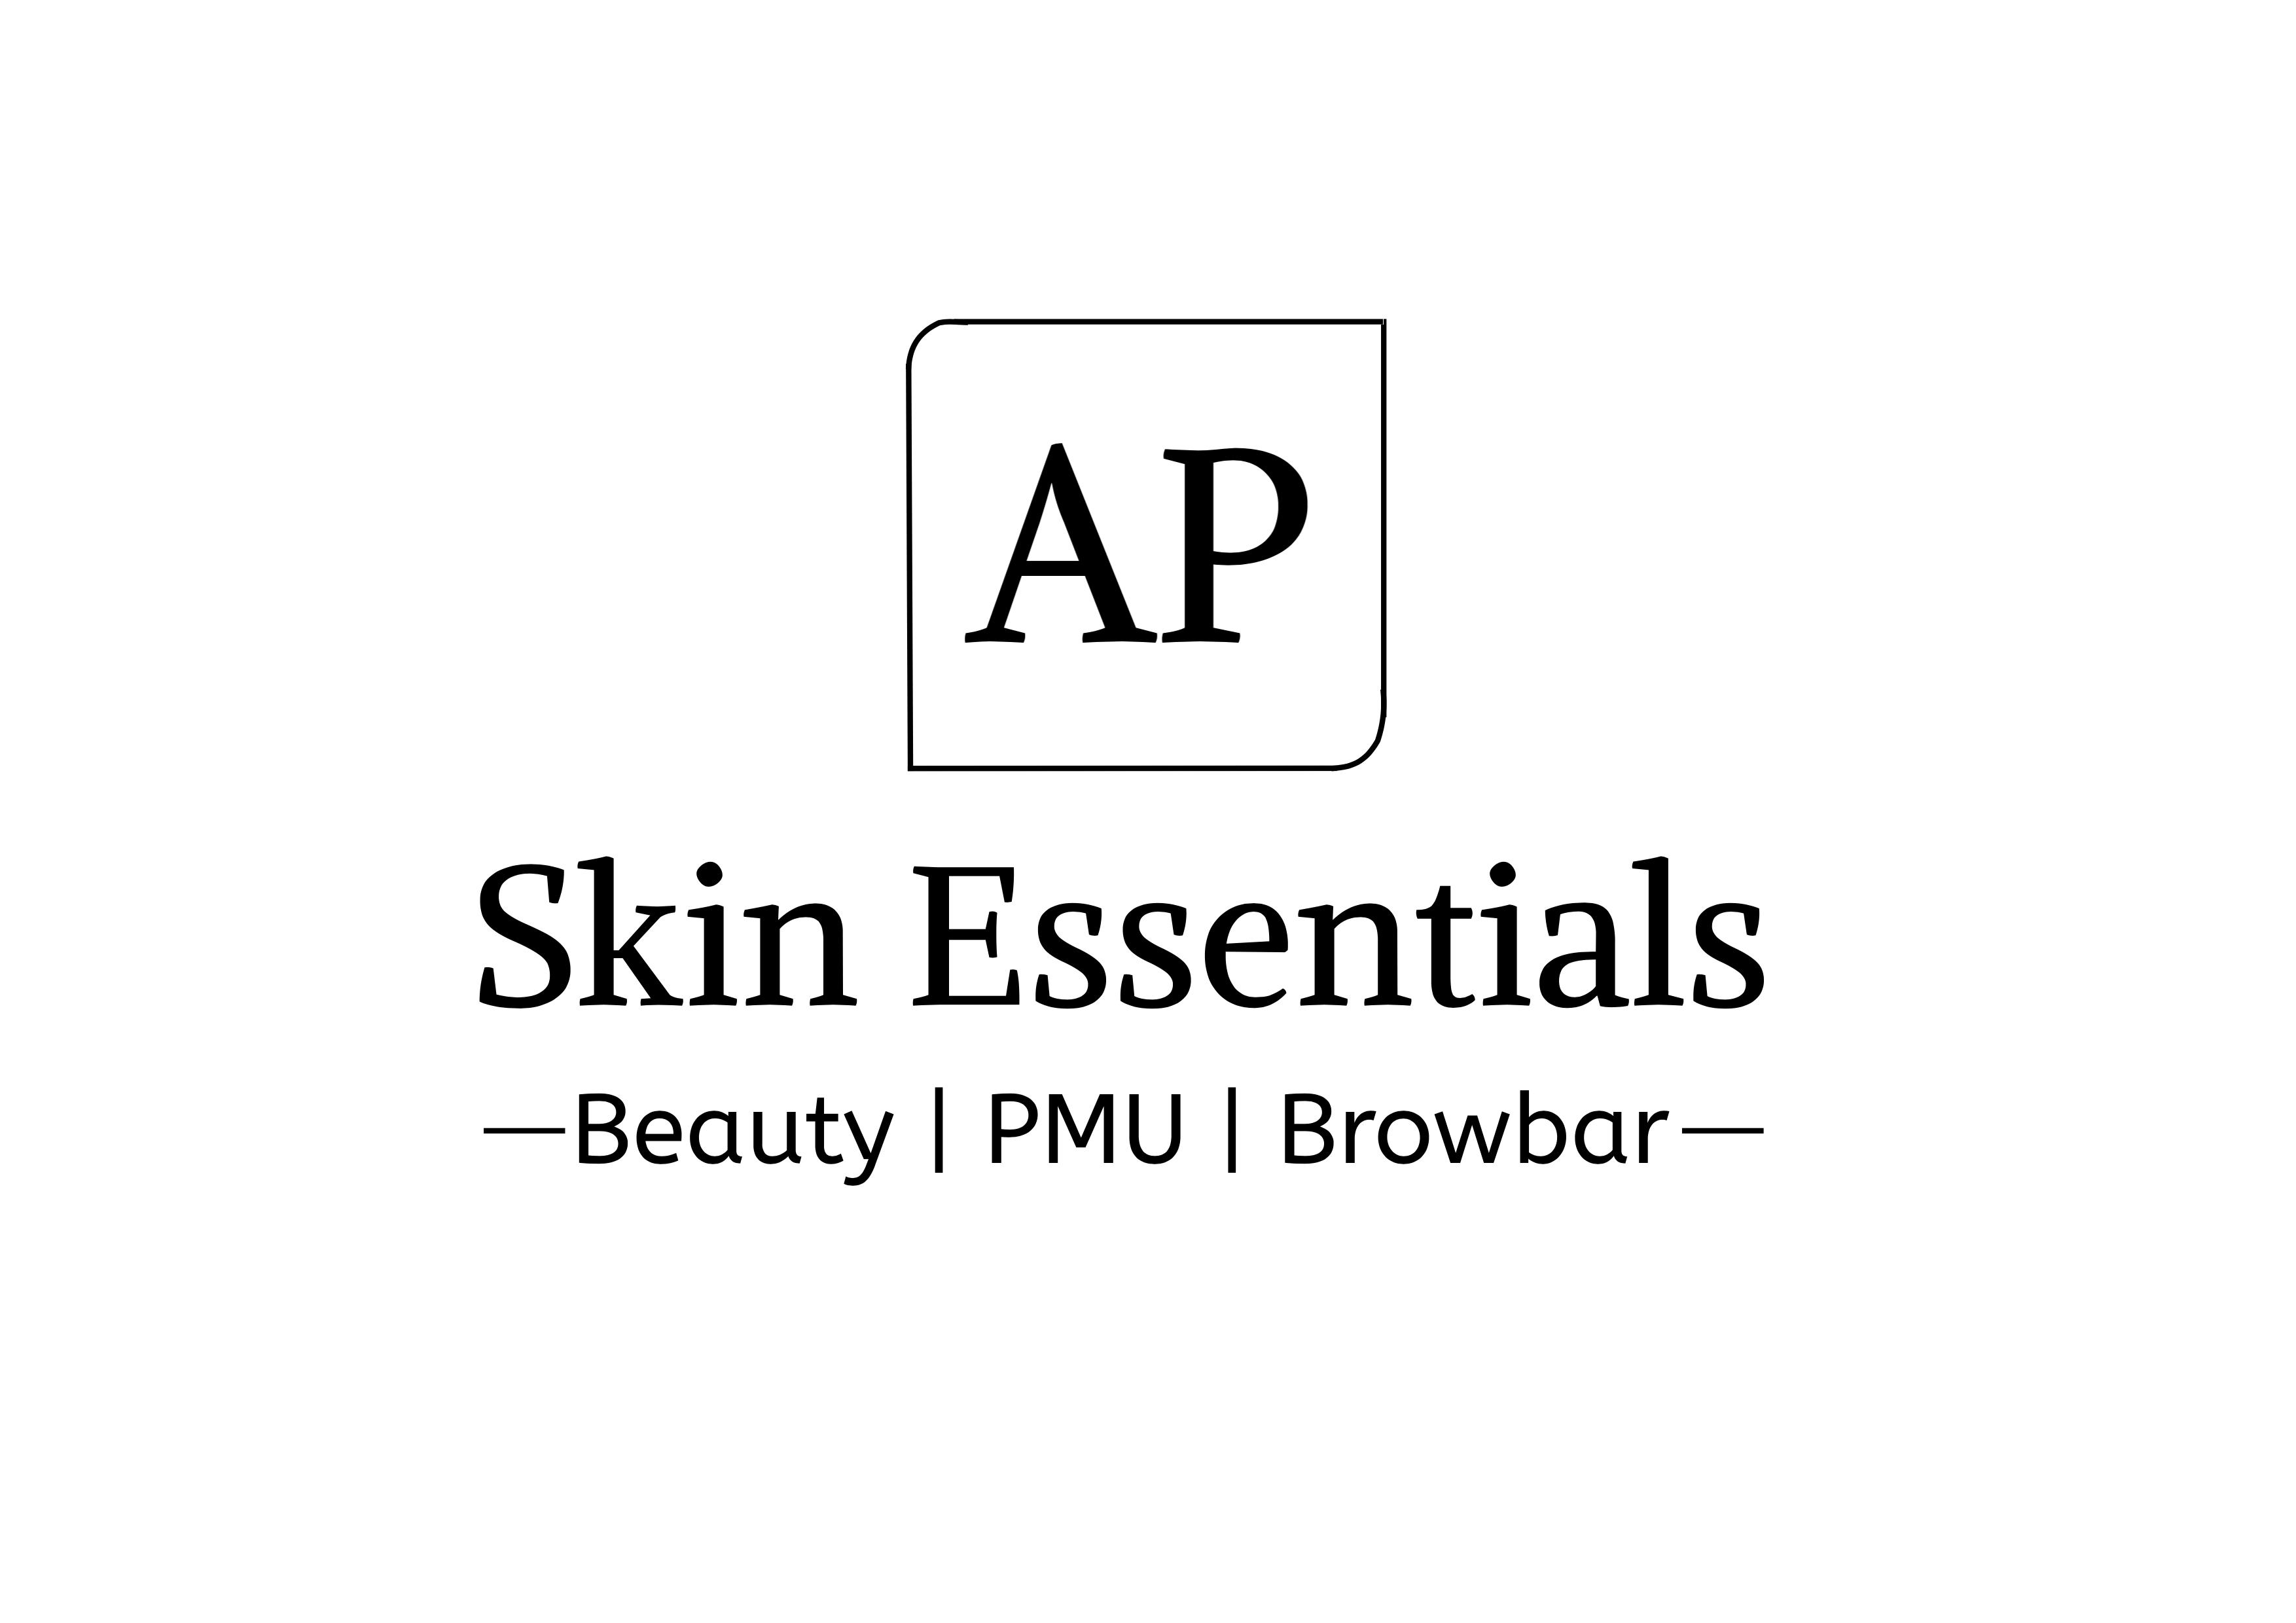 Skin Essentials Shop